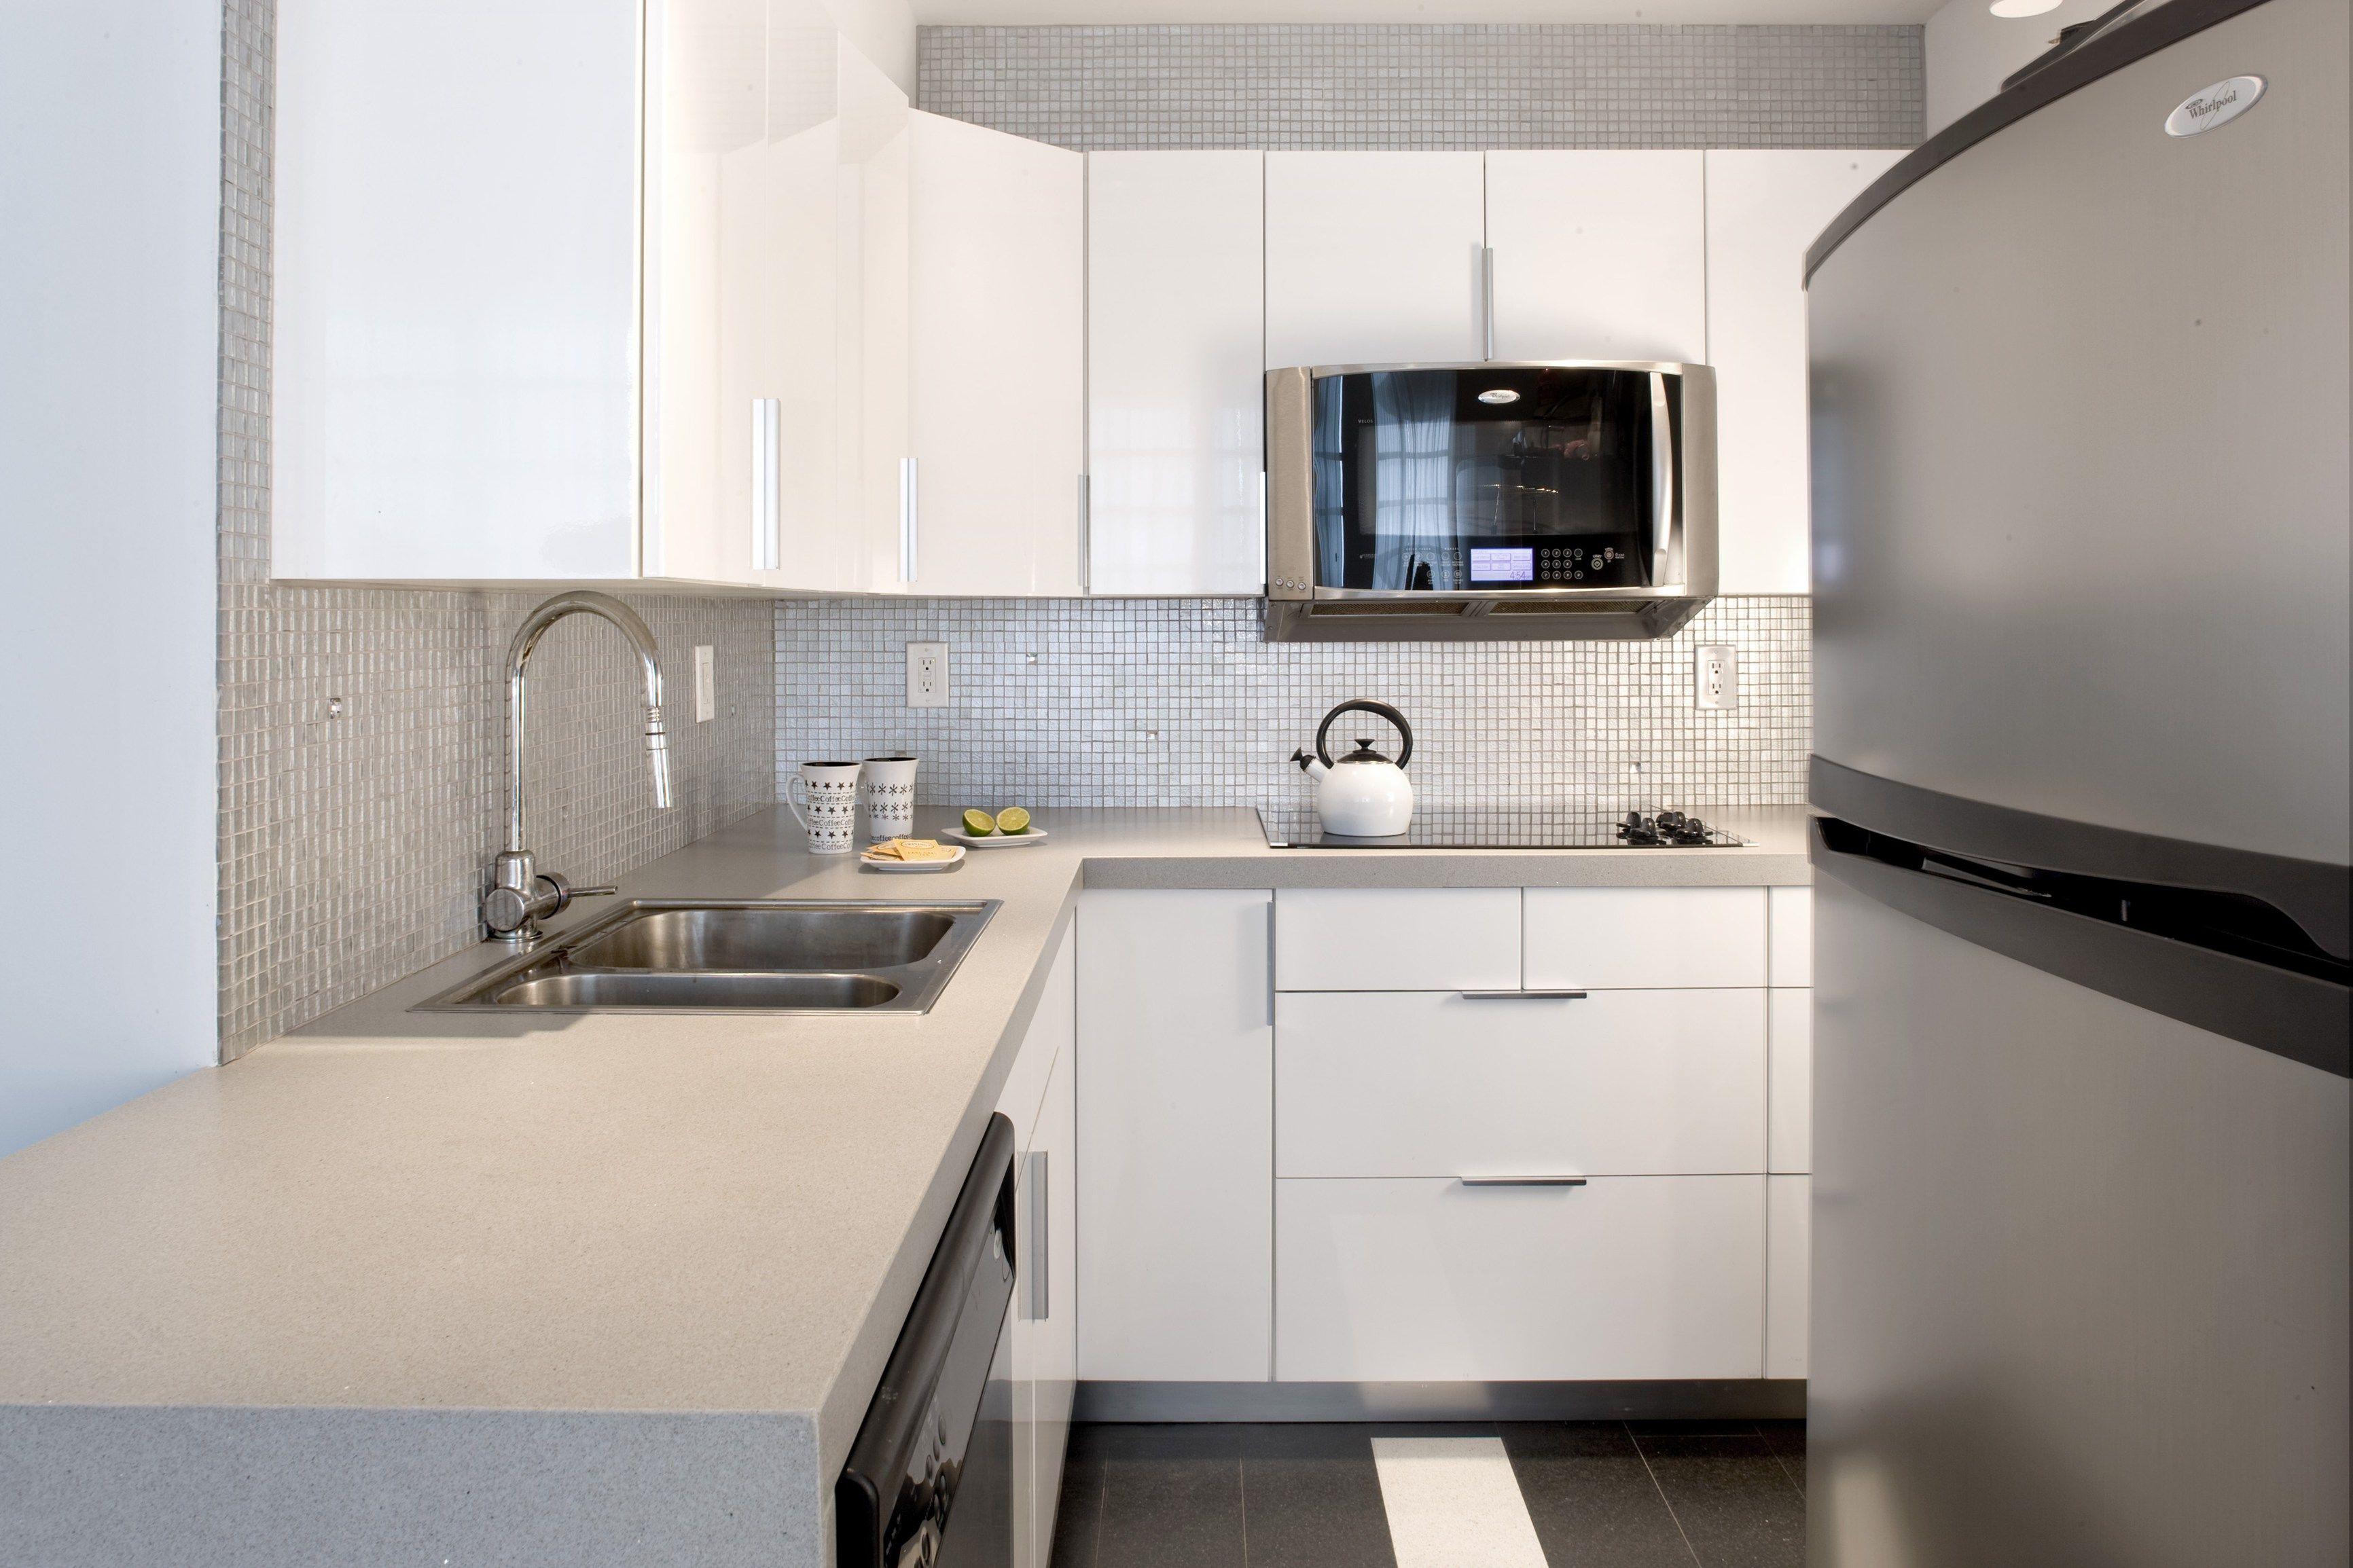 Kitchen Worktop By TREND